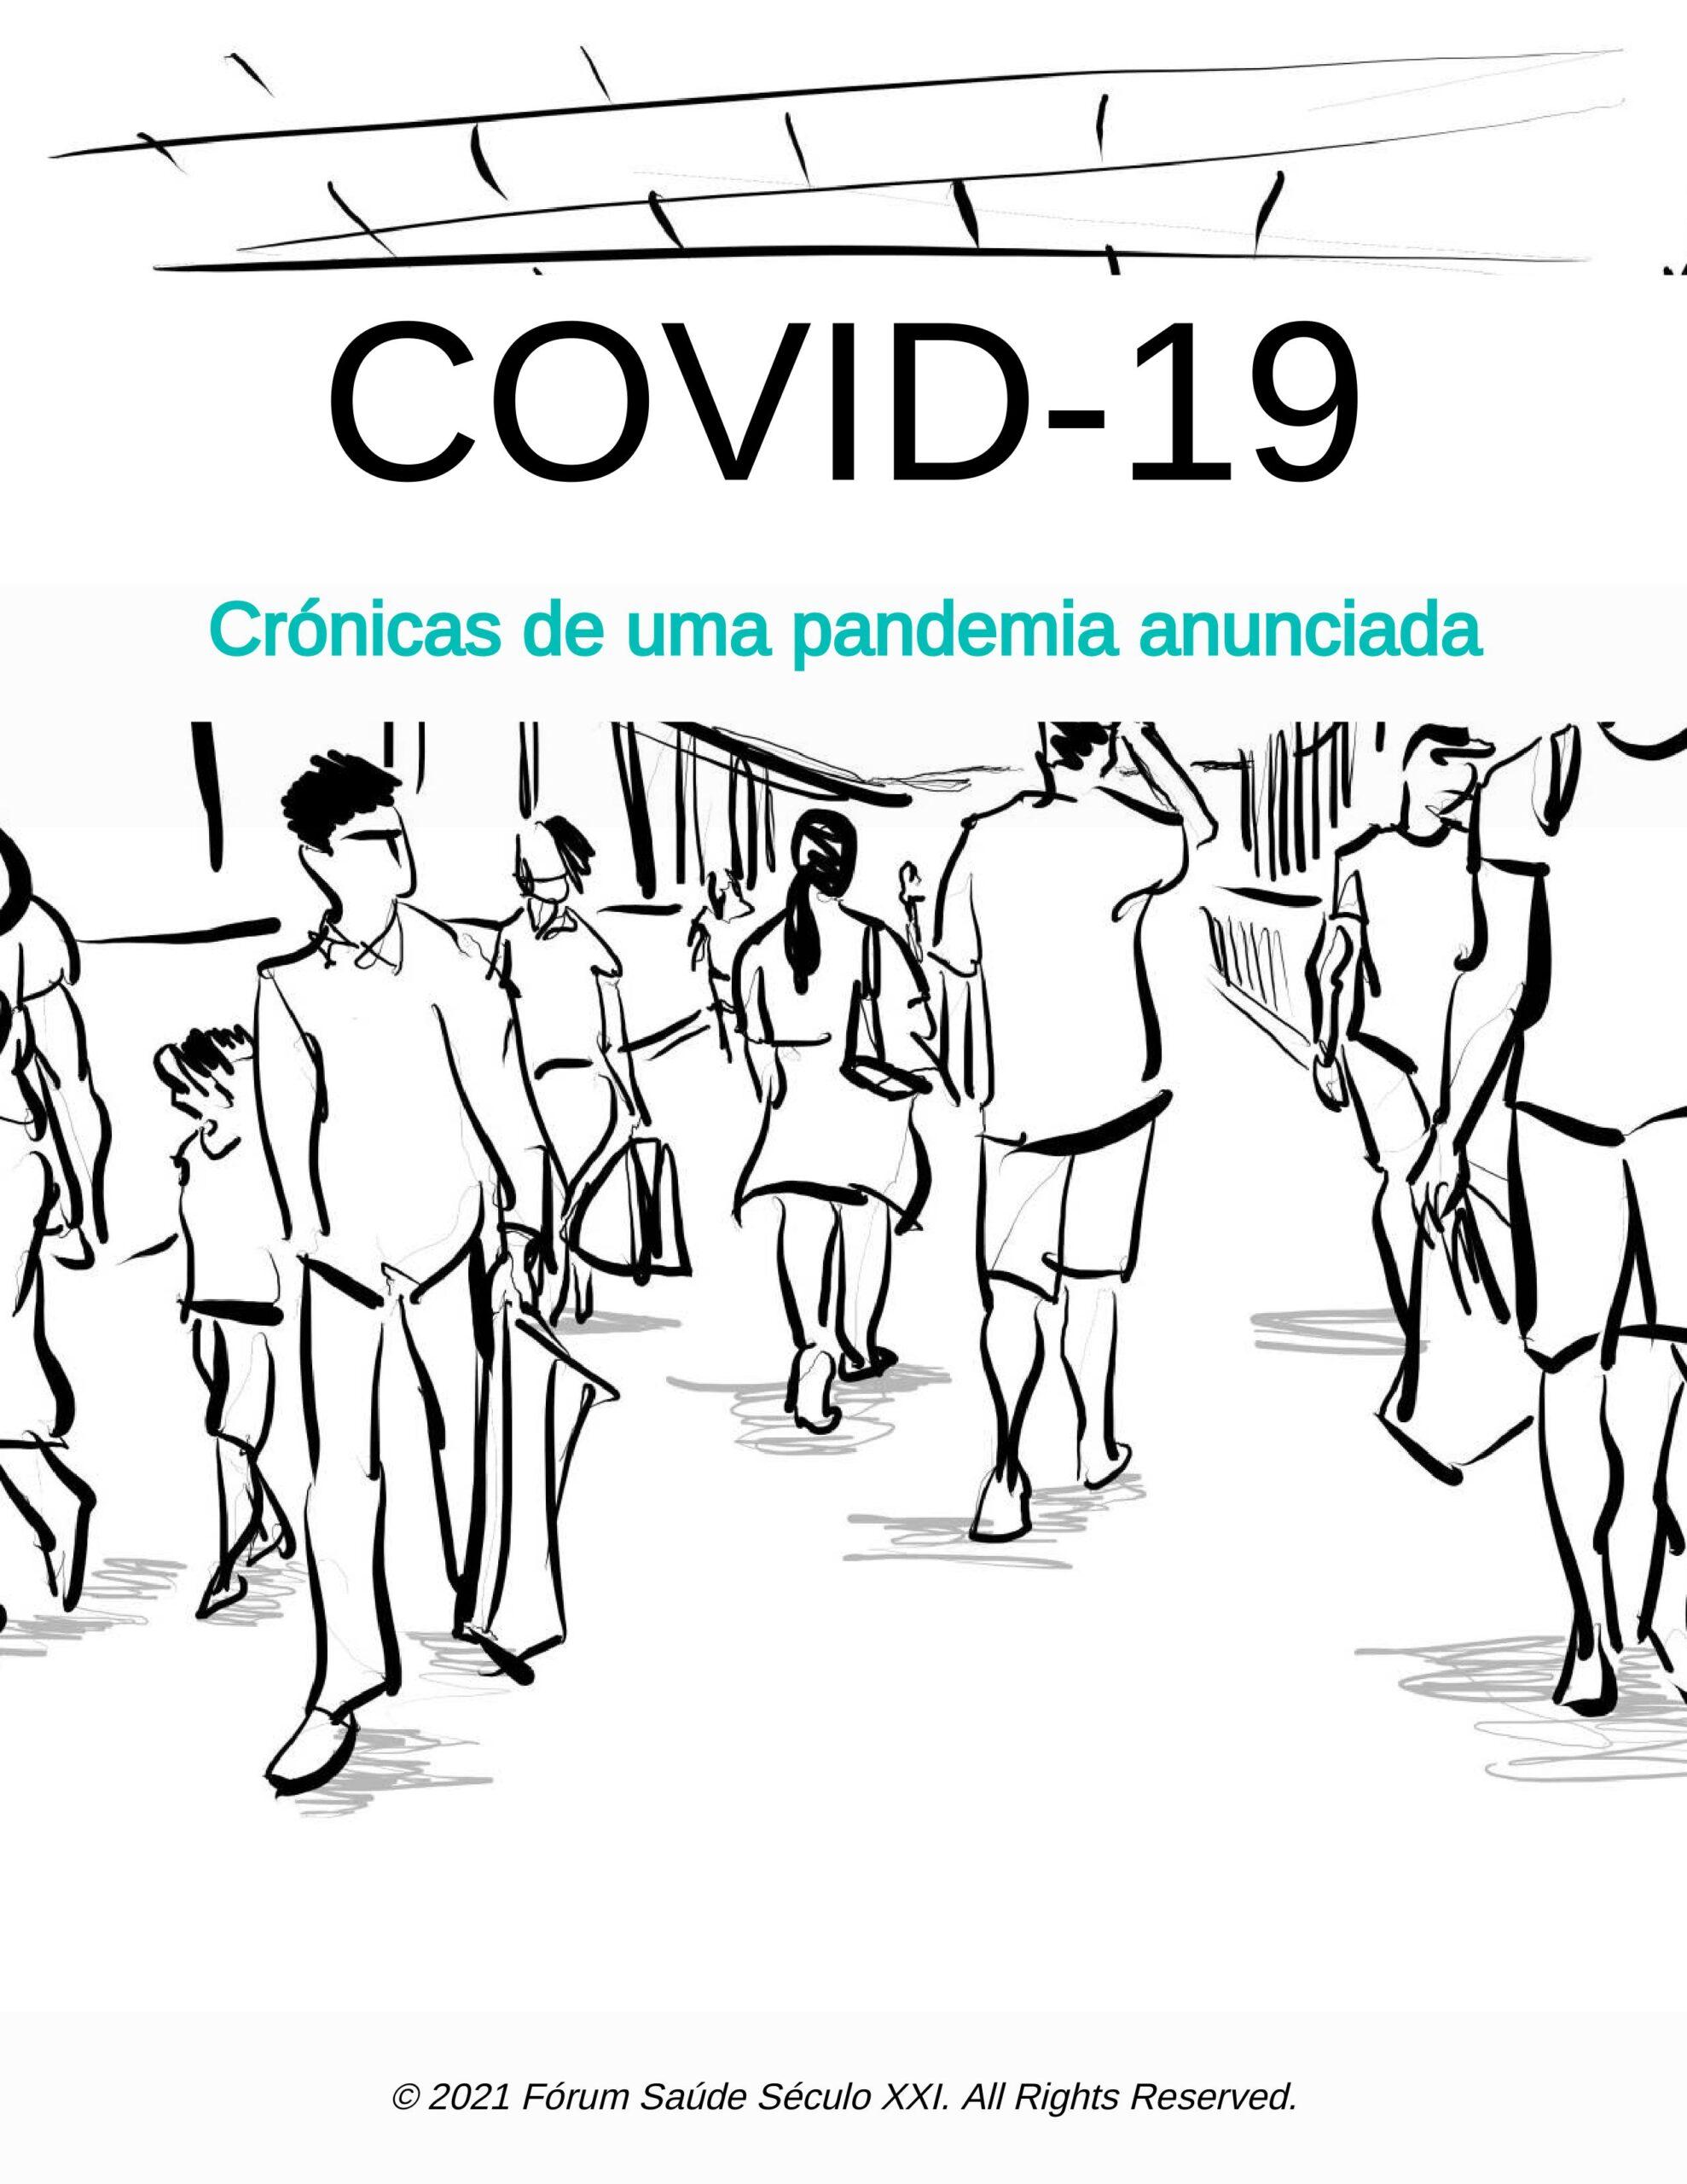 COVID 19, CRÓNICAS DE UMA PANDEMIA ANUNCIADA